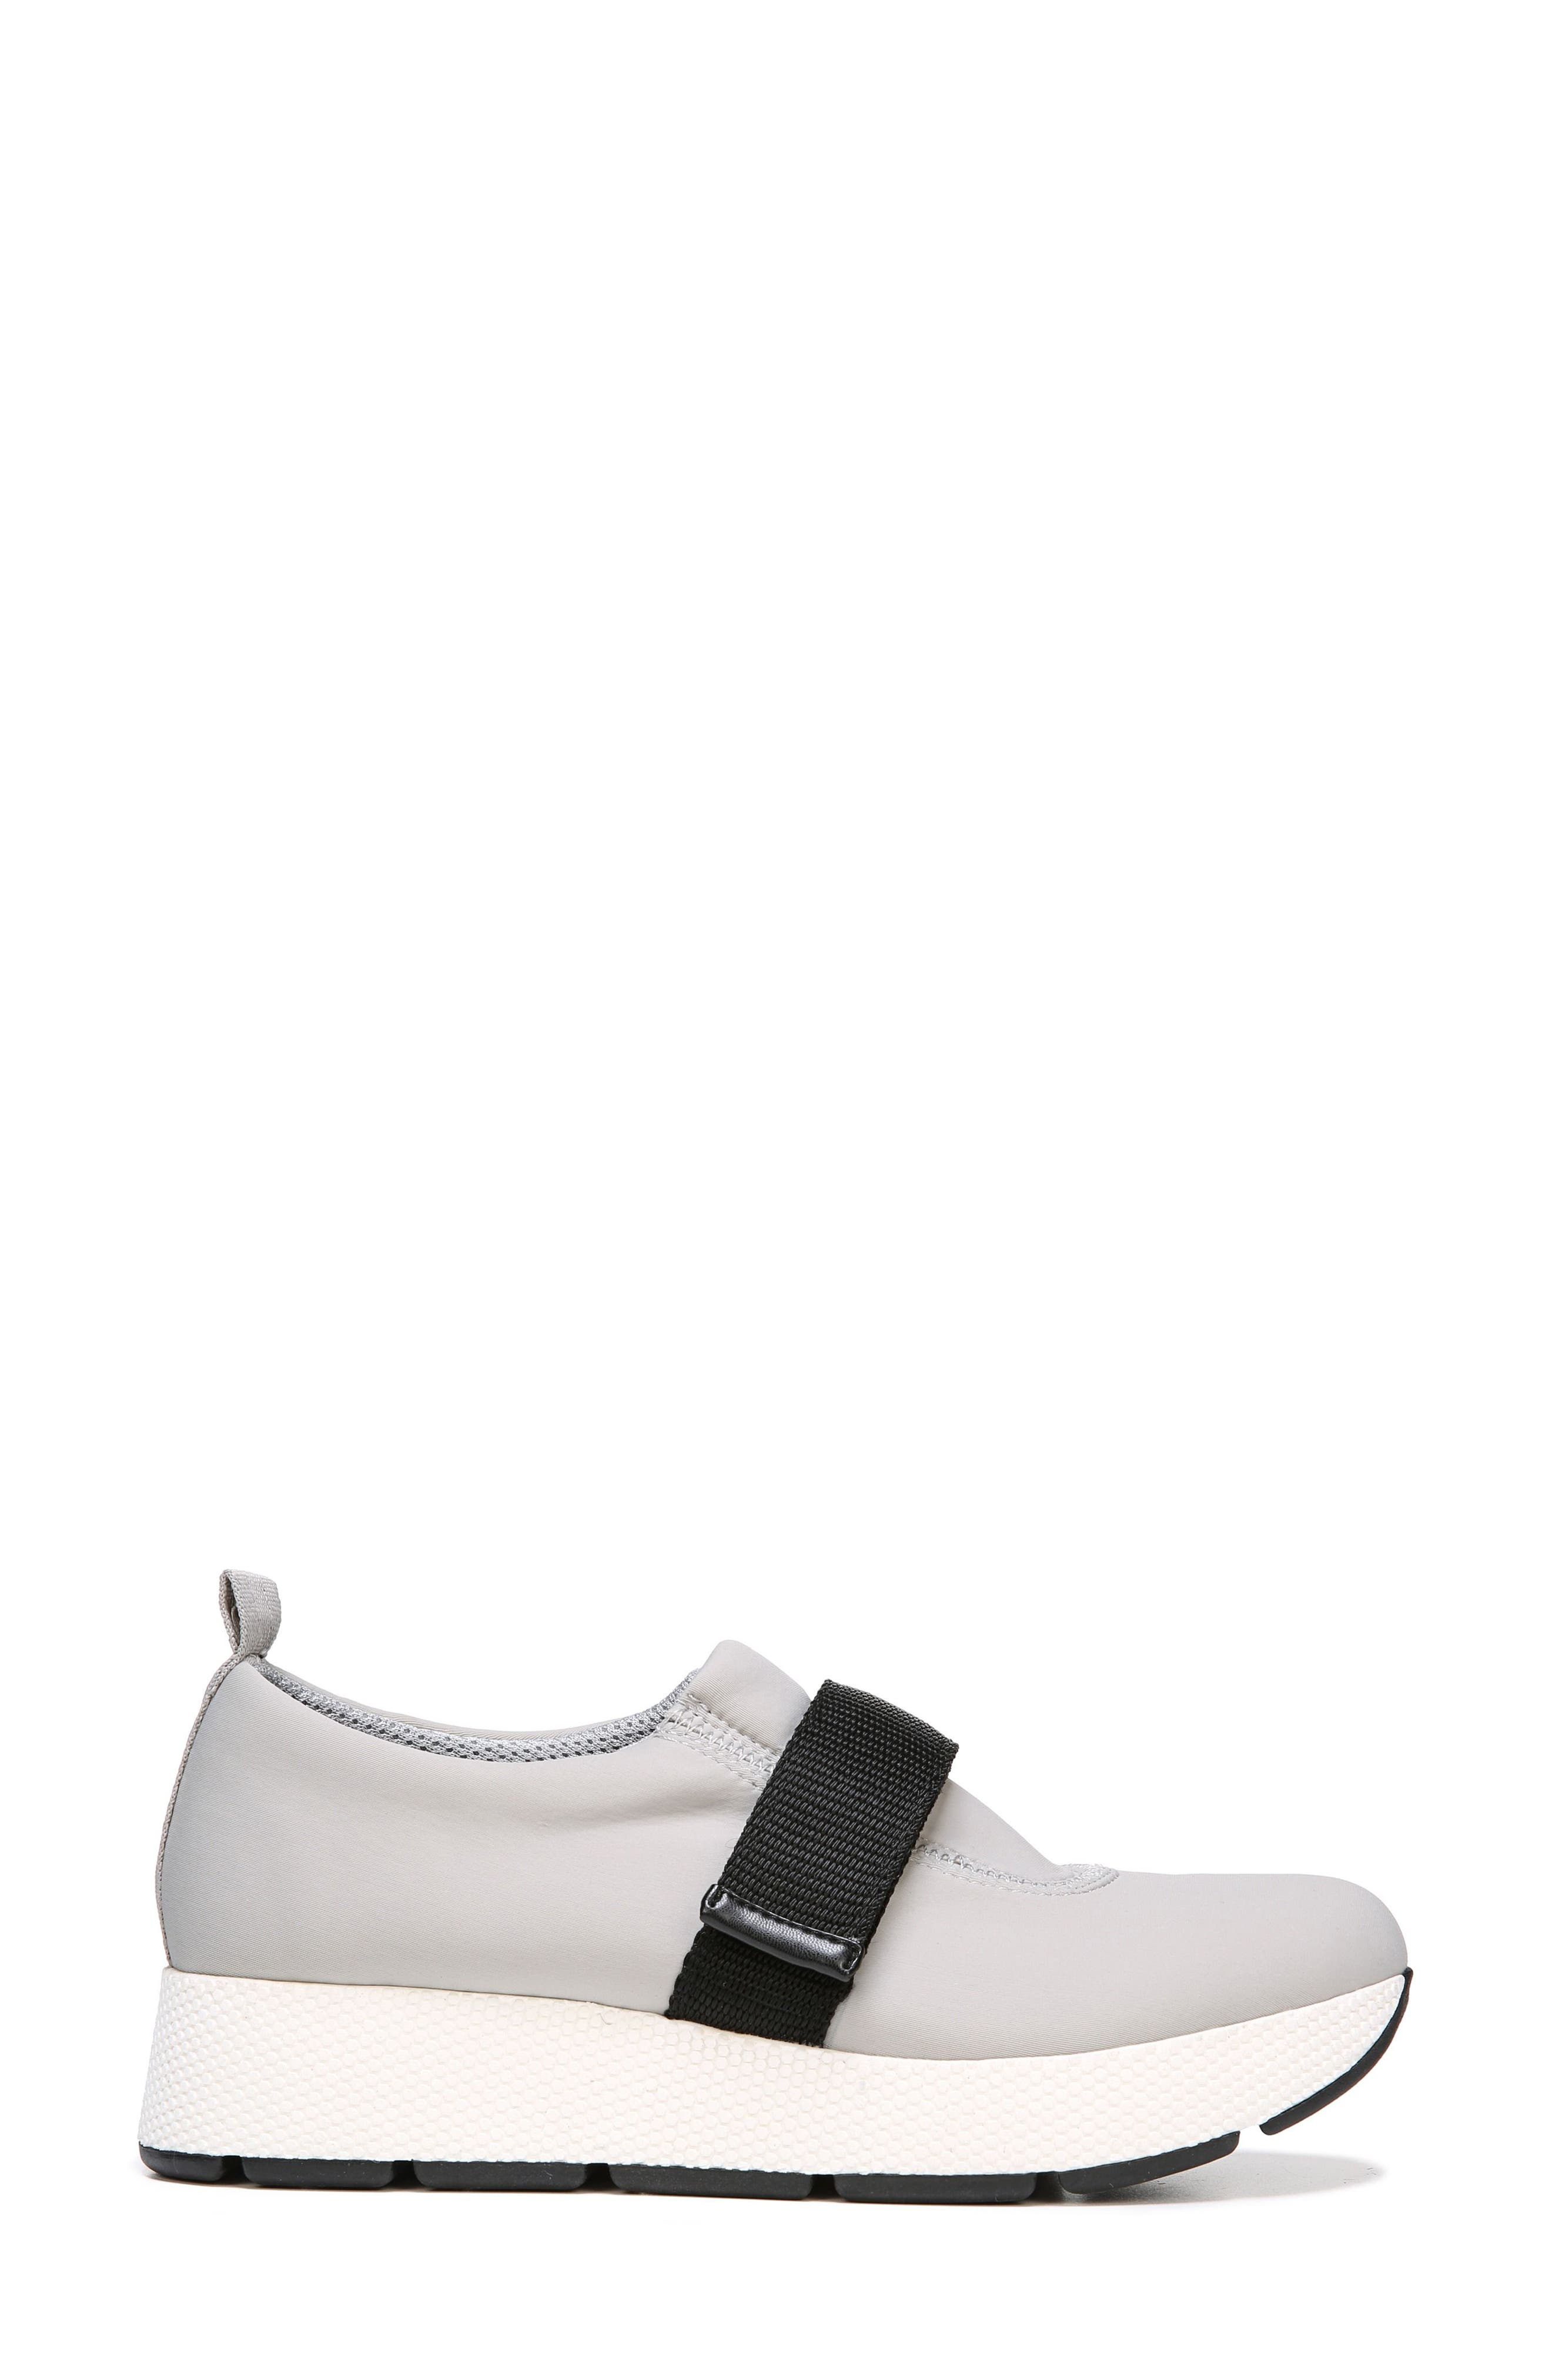 Odella Slip-On Sneaker,                             Alternate thumbnail 11, color,